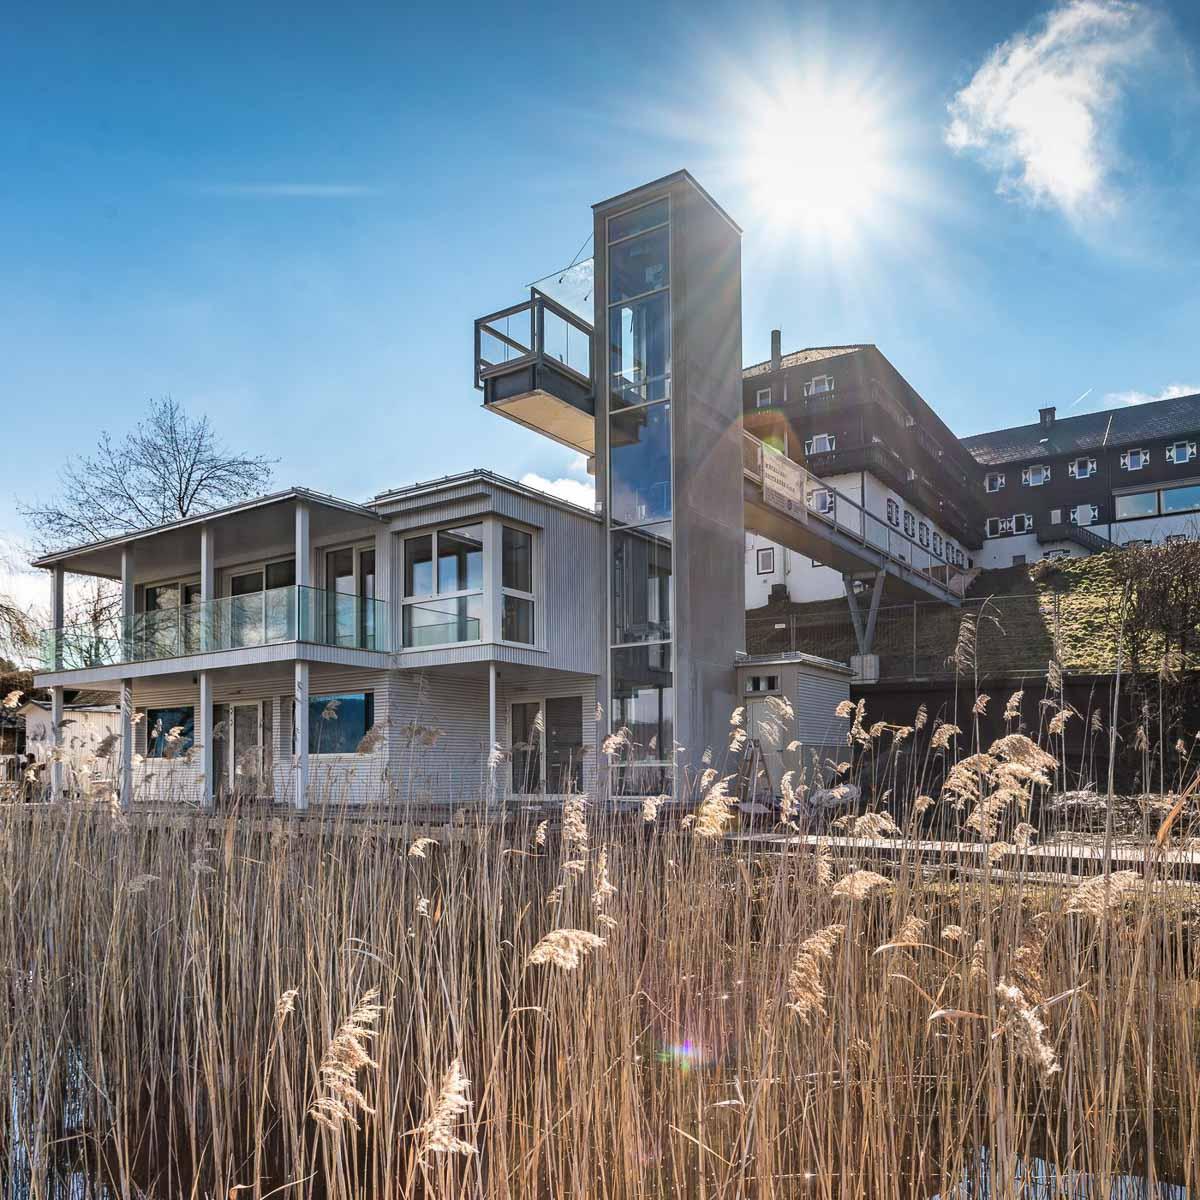 The Original FX Mayr Health Center am Wörthersee Ansicht